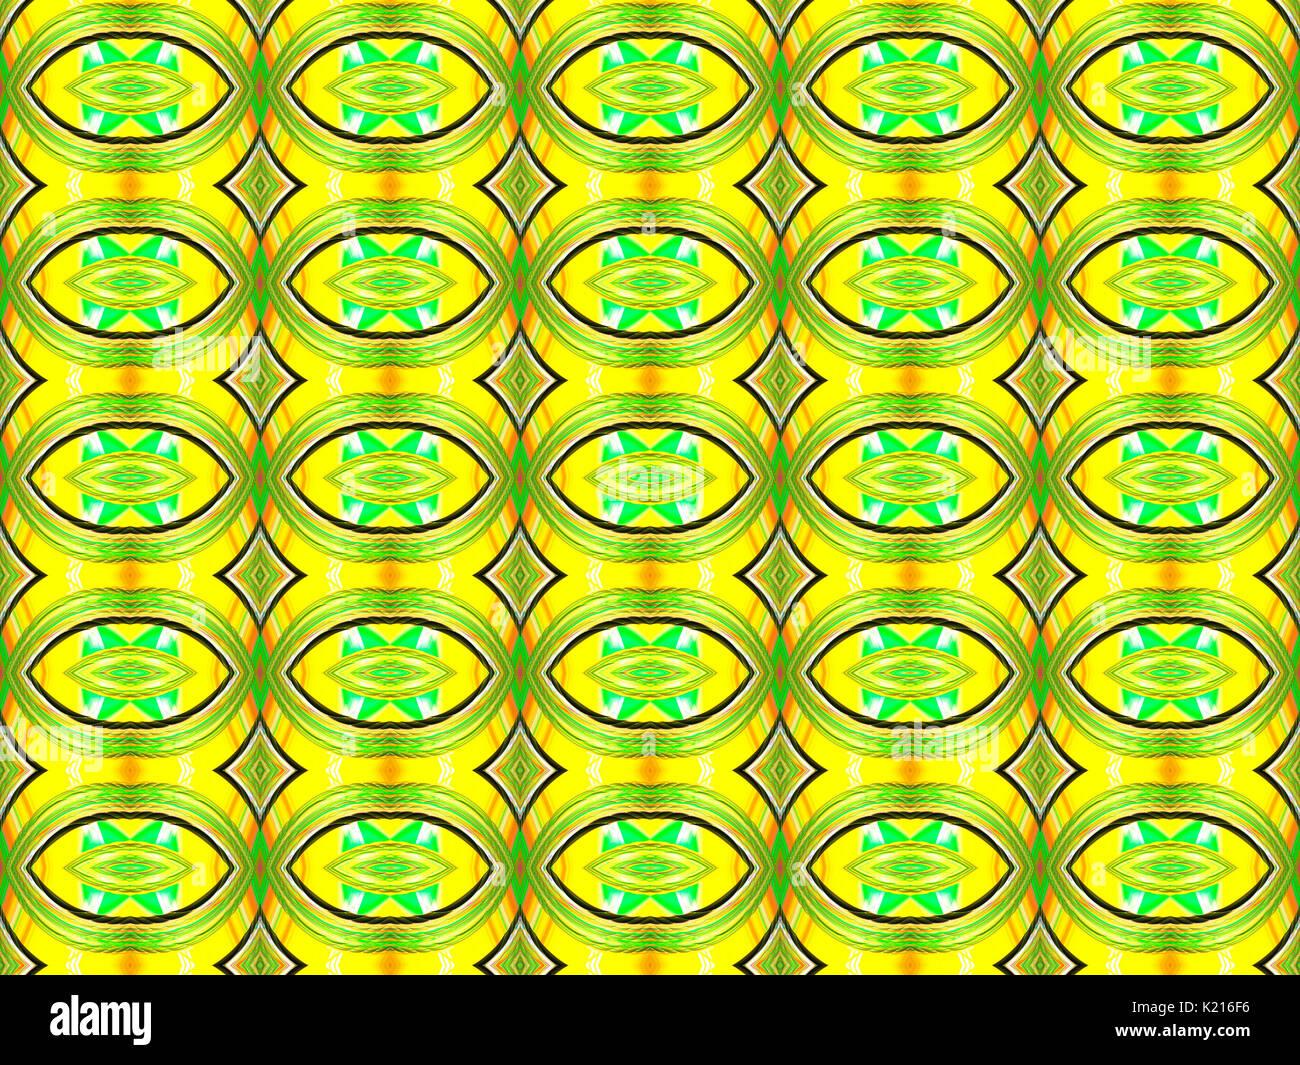 Ovali e rombi in verde e giallo - Modello di sfondo Immagini Stock